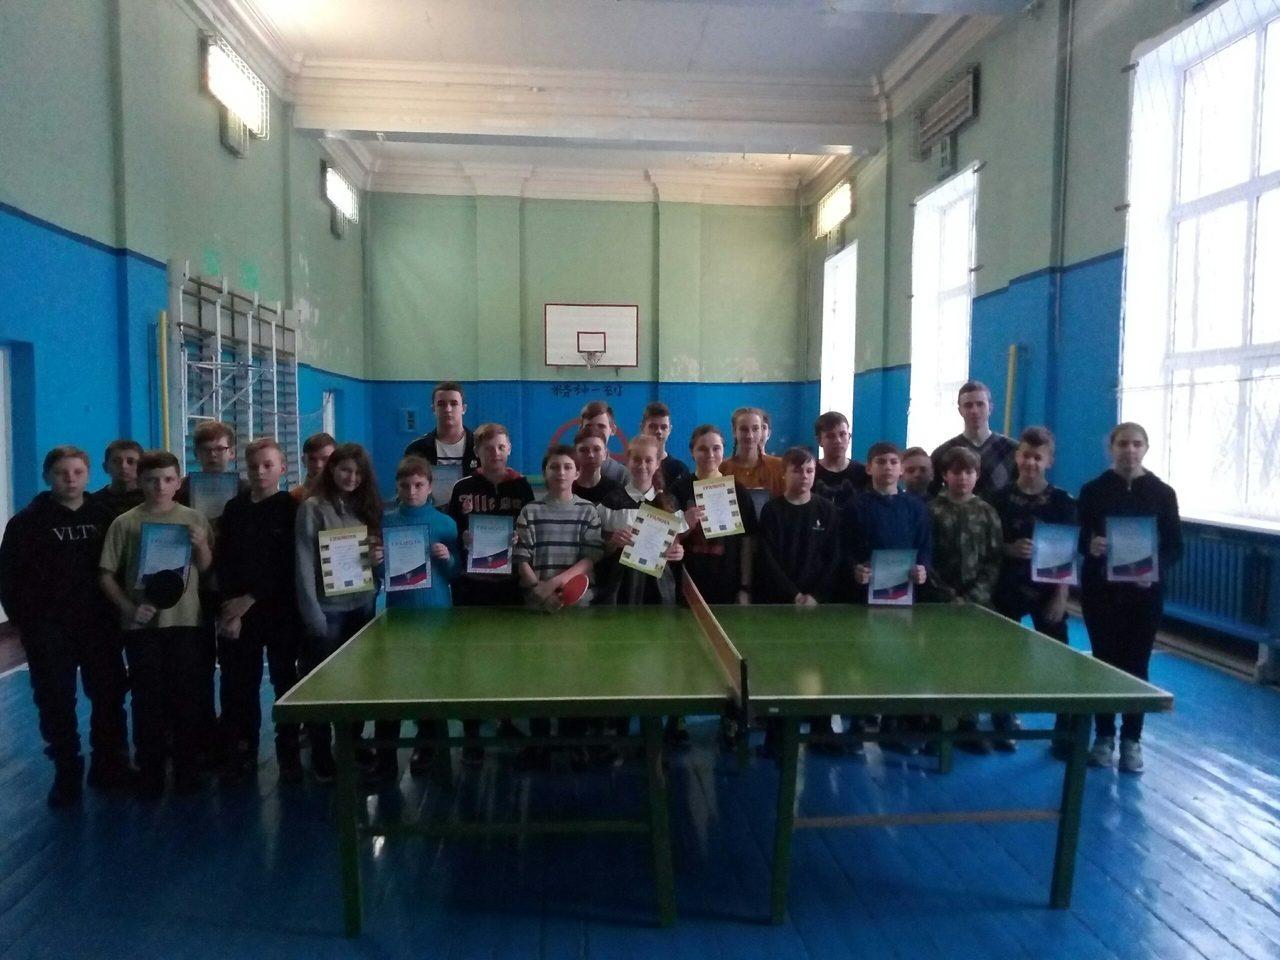 nastolnij-tennis-sredi-shkolnikov-5